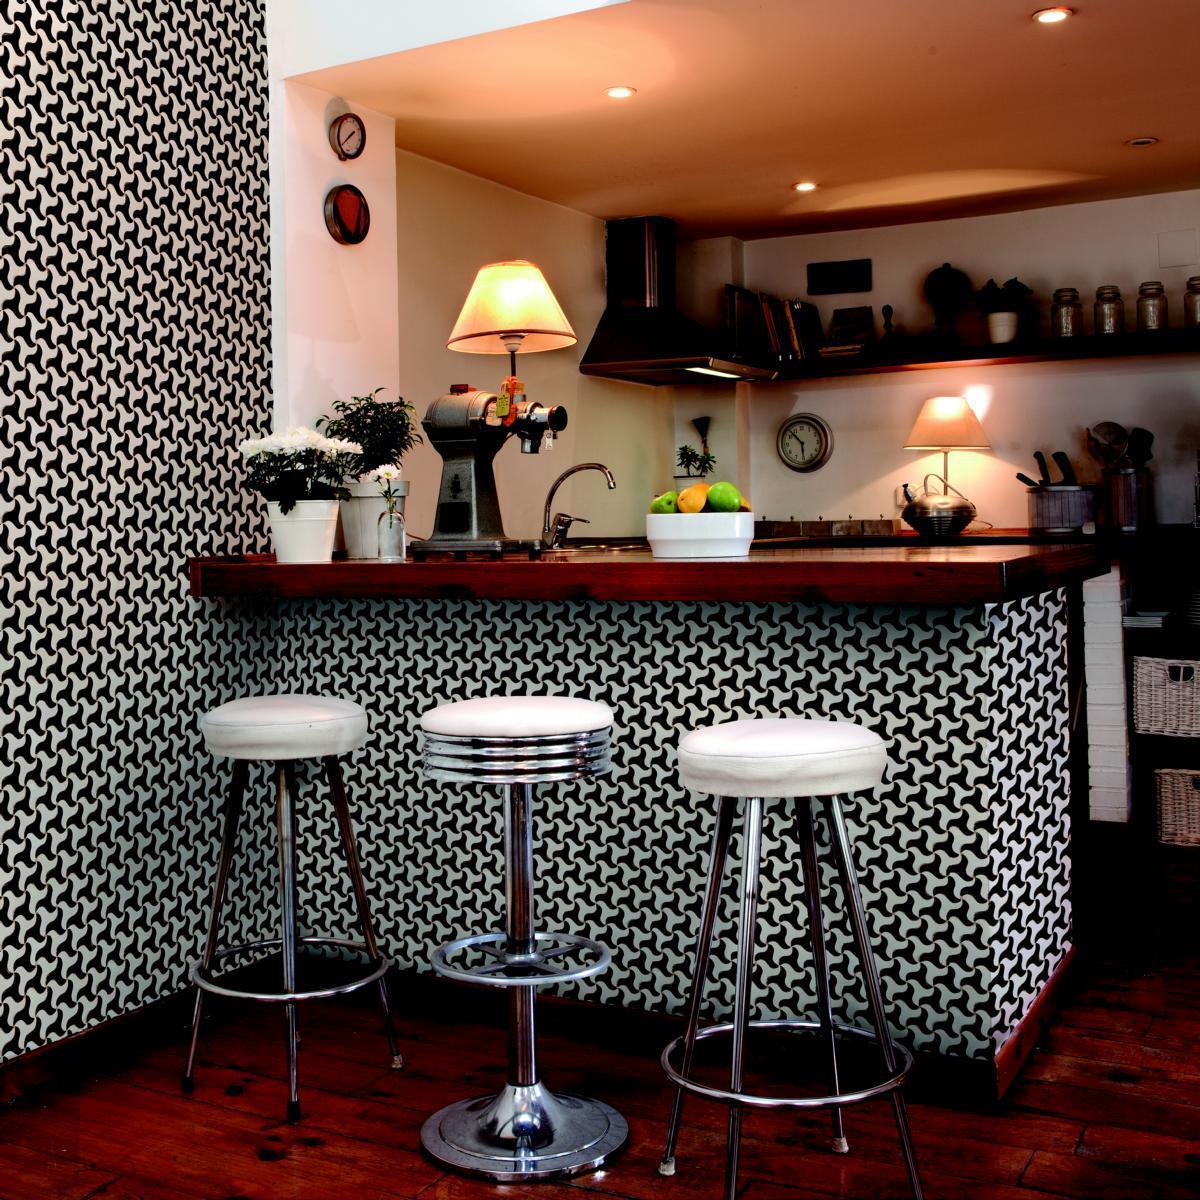 Full Size of Küchen Tapeten Abwaschbar Welche Eignen Sich Fr Kche Fototapeten Wohnzimmer Für Die Küche Regal Ideen Schlafzimmer Wohnzimmer Küchen Tapeten Abwaschbar